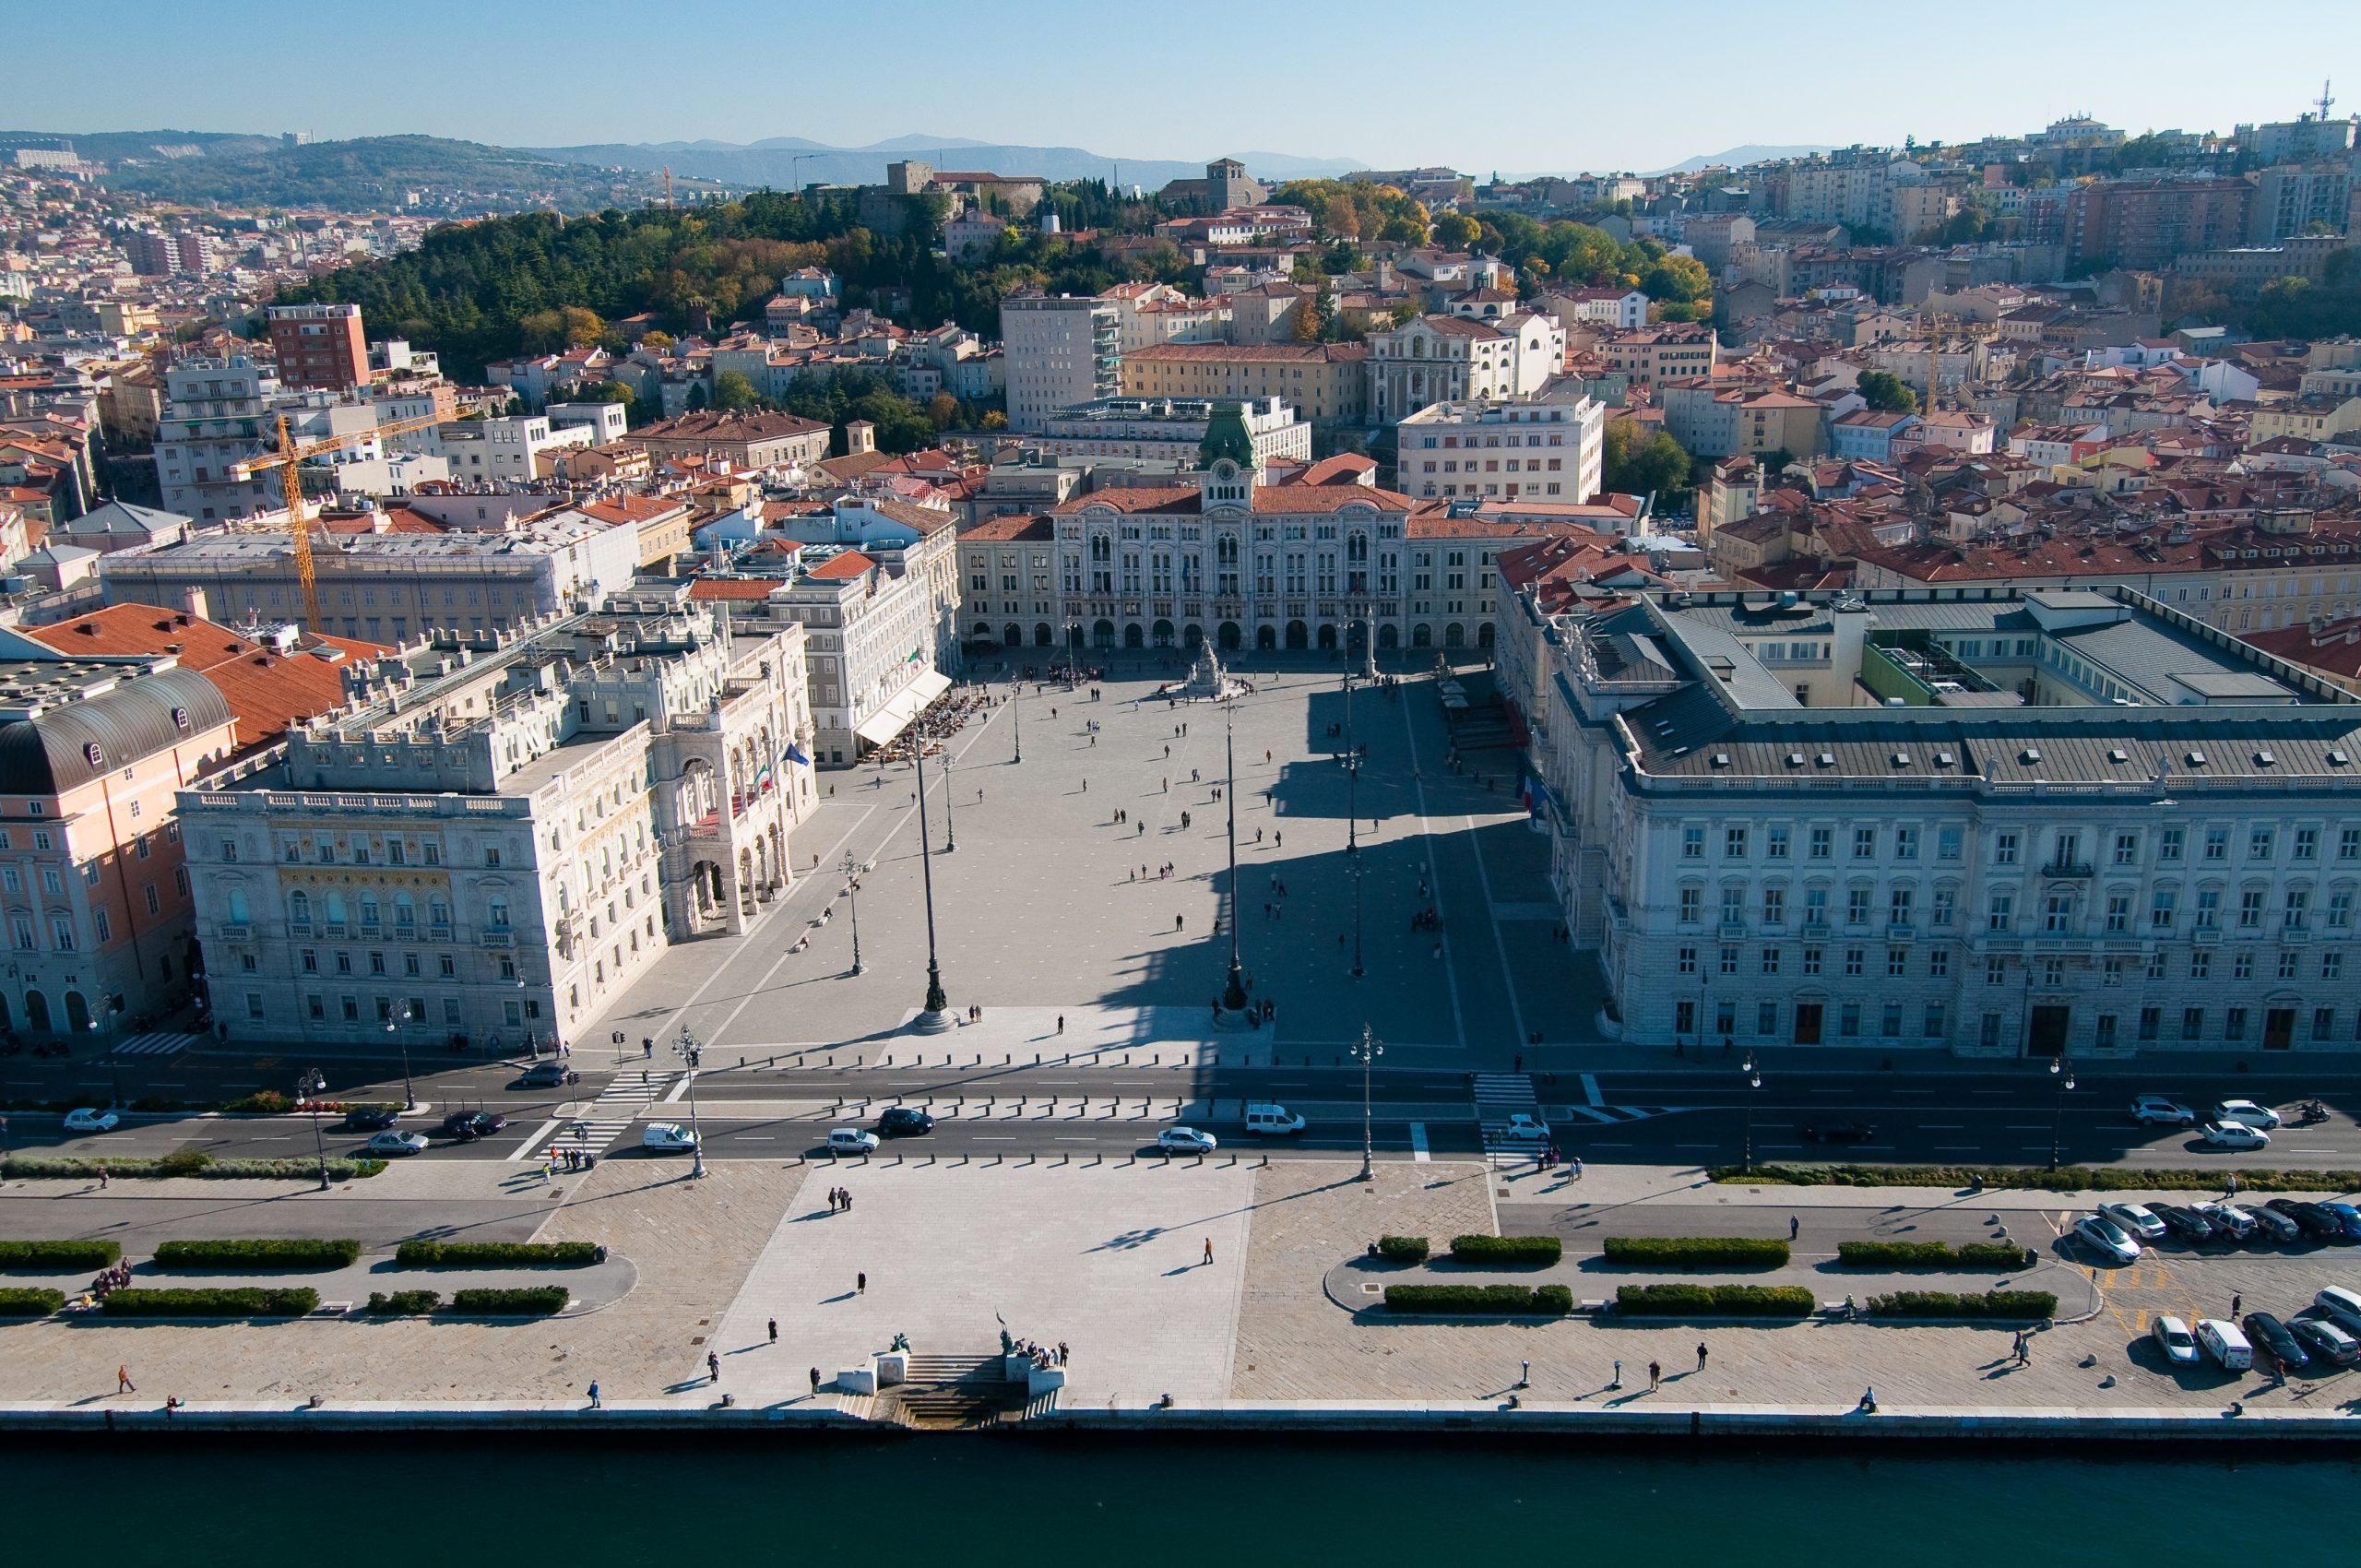 Le 5 migliori escursioni di 1 giorno da fare a Trieste - Slovenia4Seasons